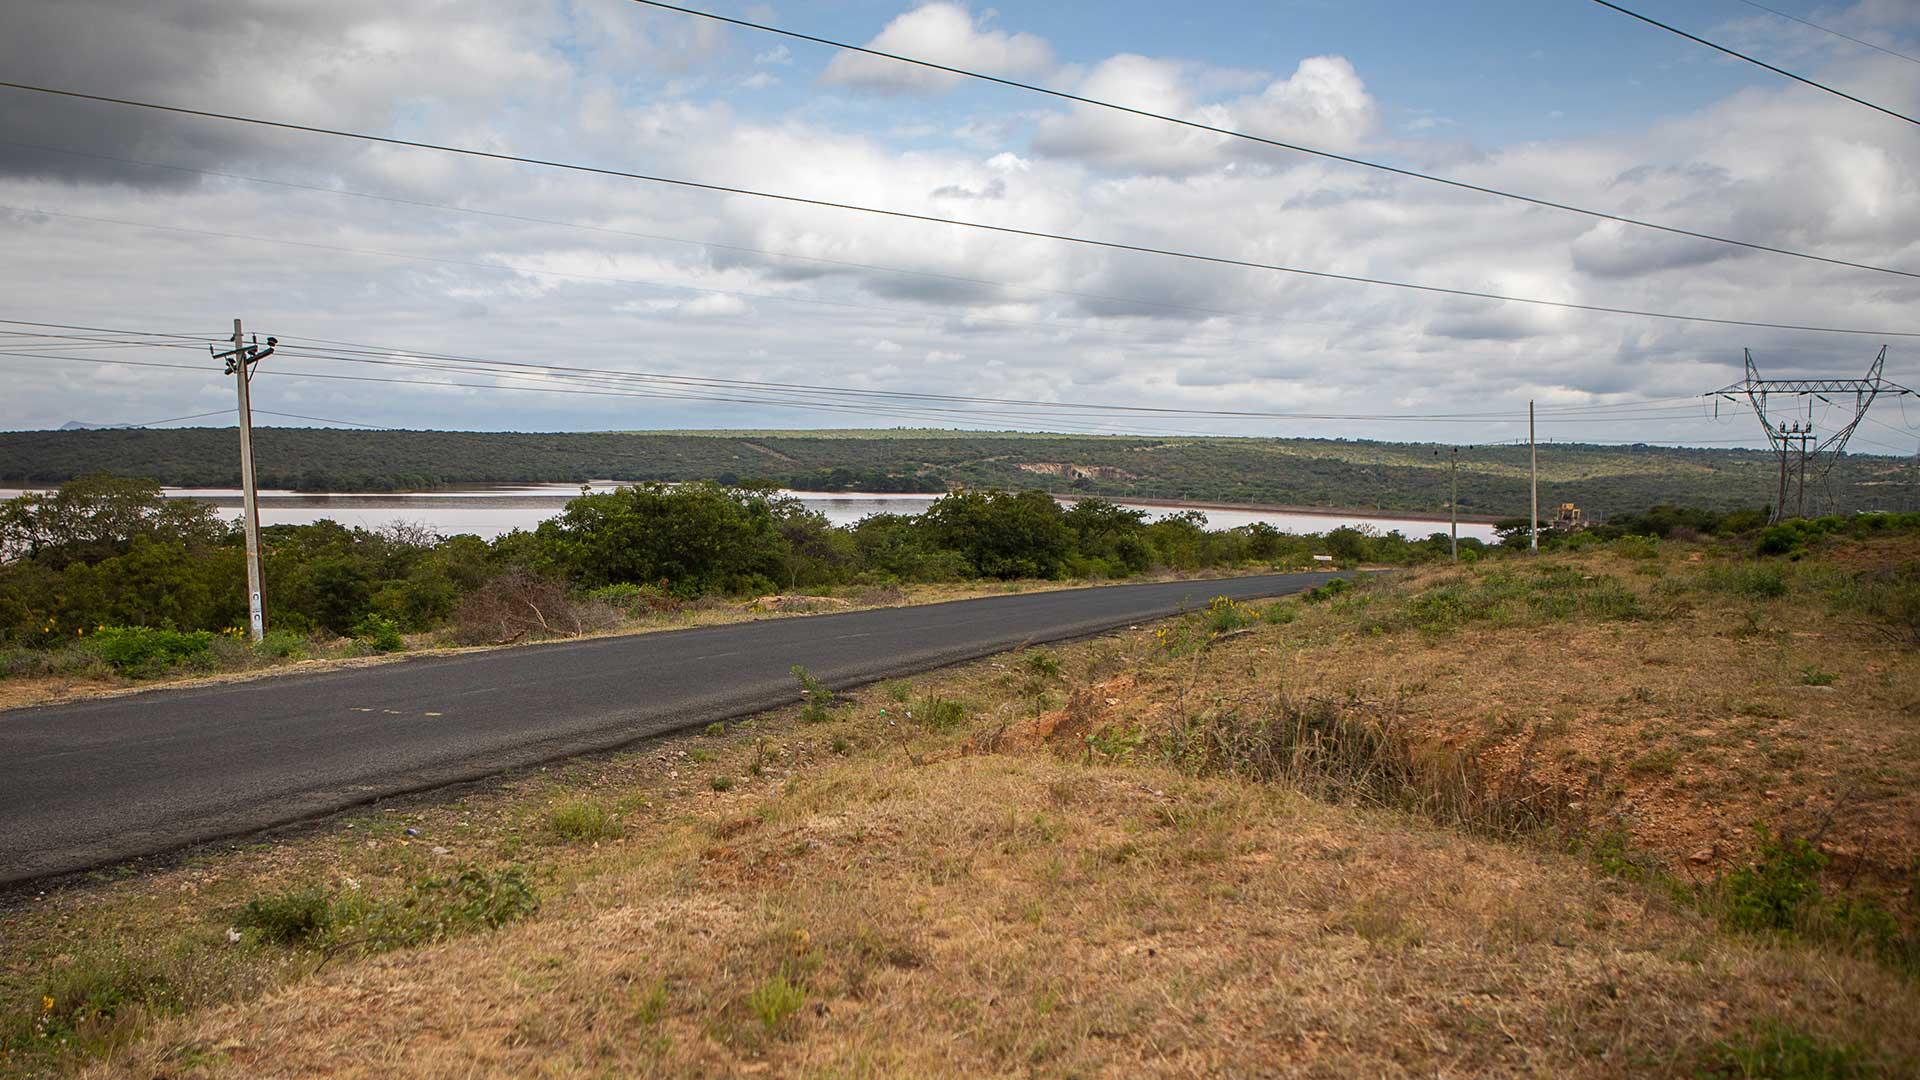 Kamburu igen, där det finns både goda vägar och elförsörjning till bl.a. det kommande sågverket.